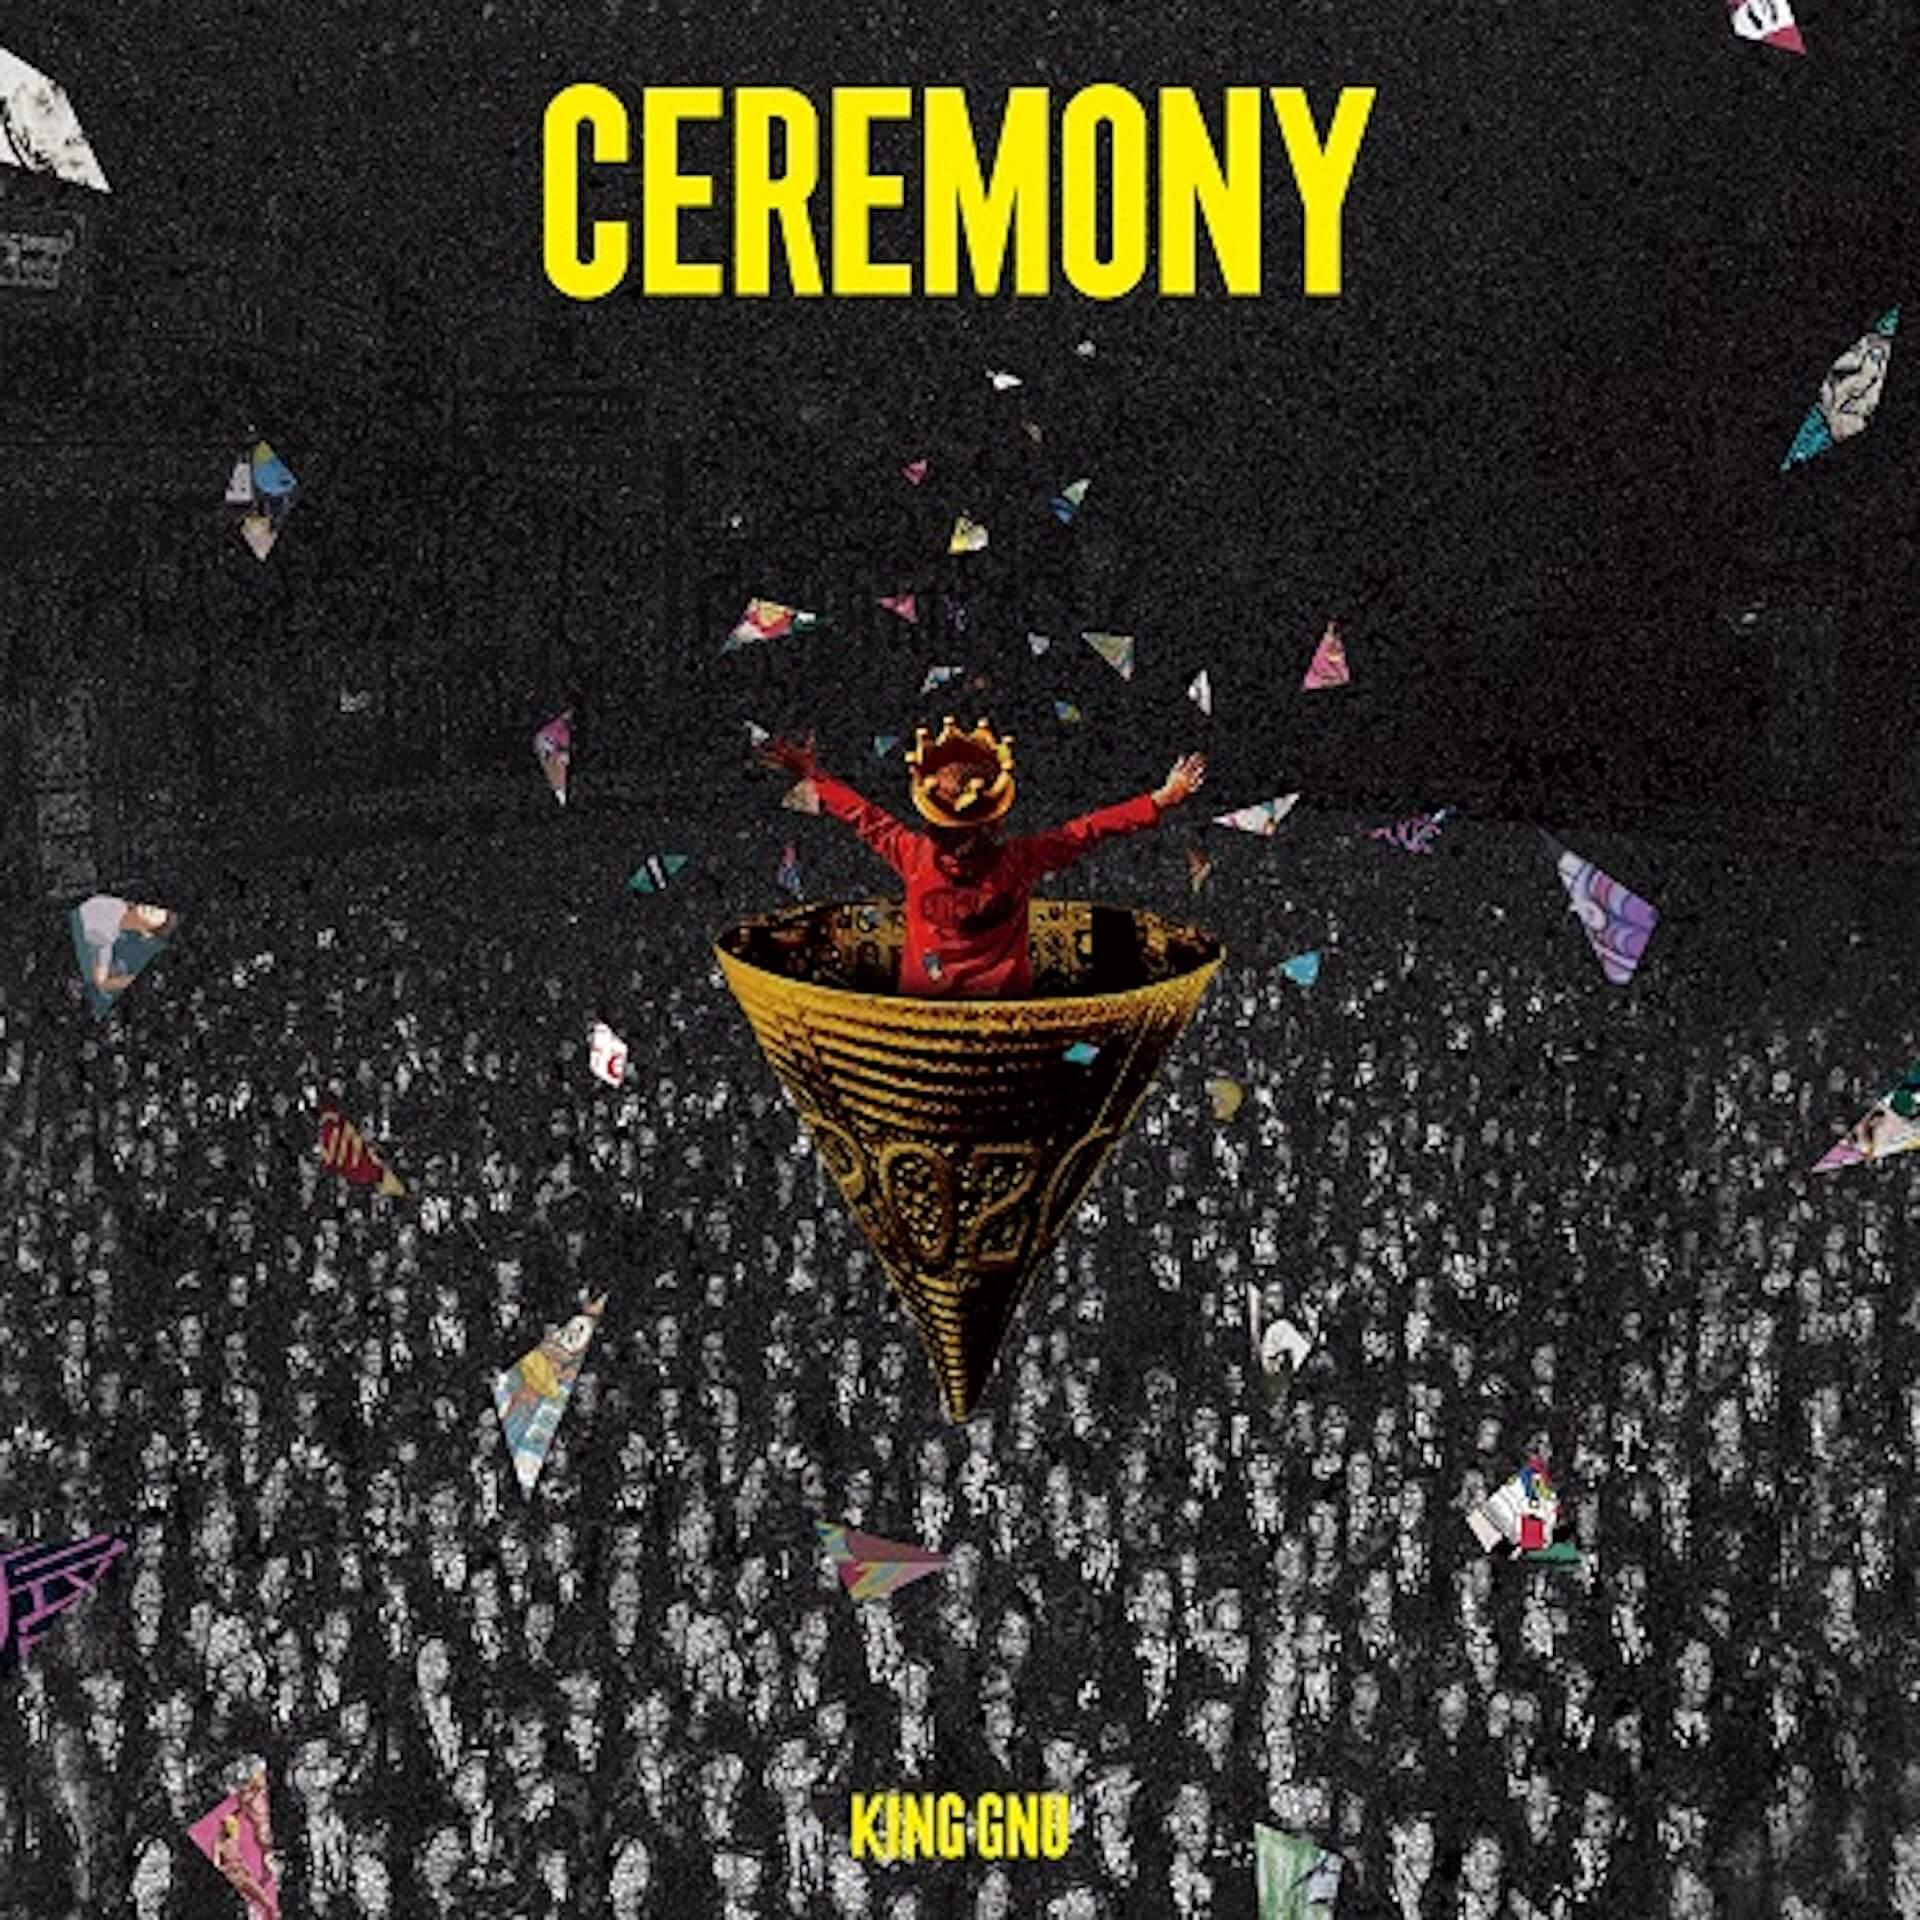 King Gnu『CEREMONY』収録の「どろん」MVを明日プレミア公開!劇場版『スマホを落としただけなのに』主題歌 music200213_kinggnu_mv_1